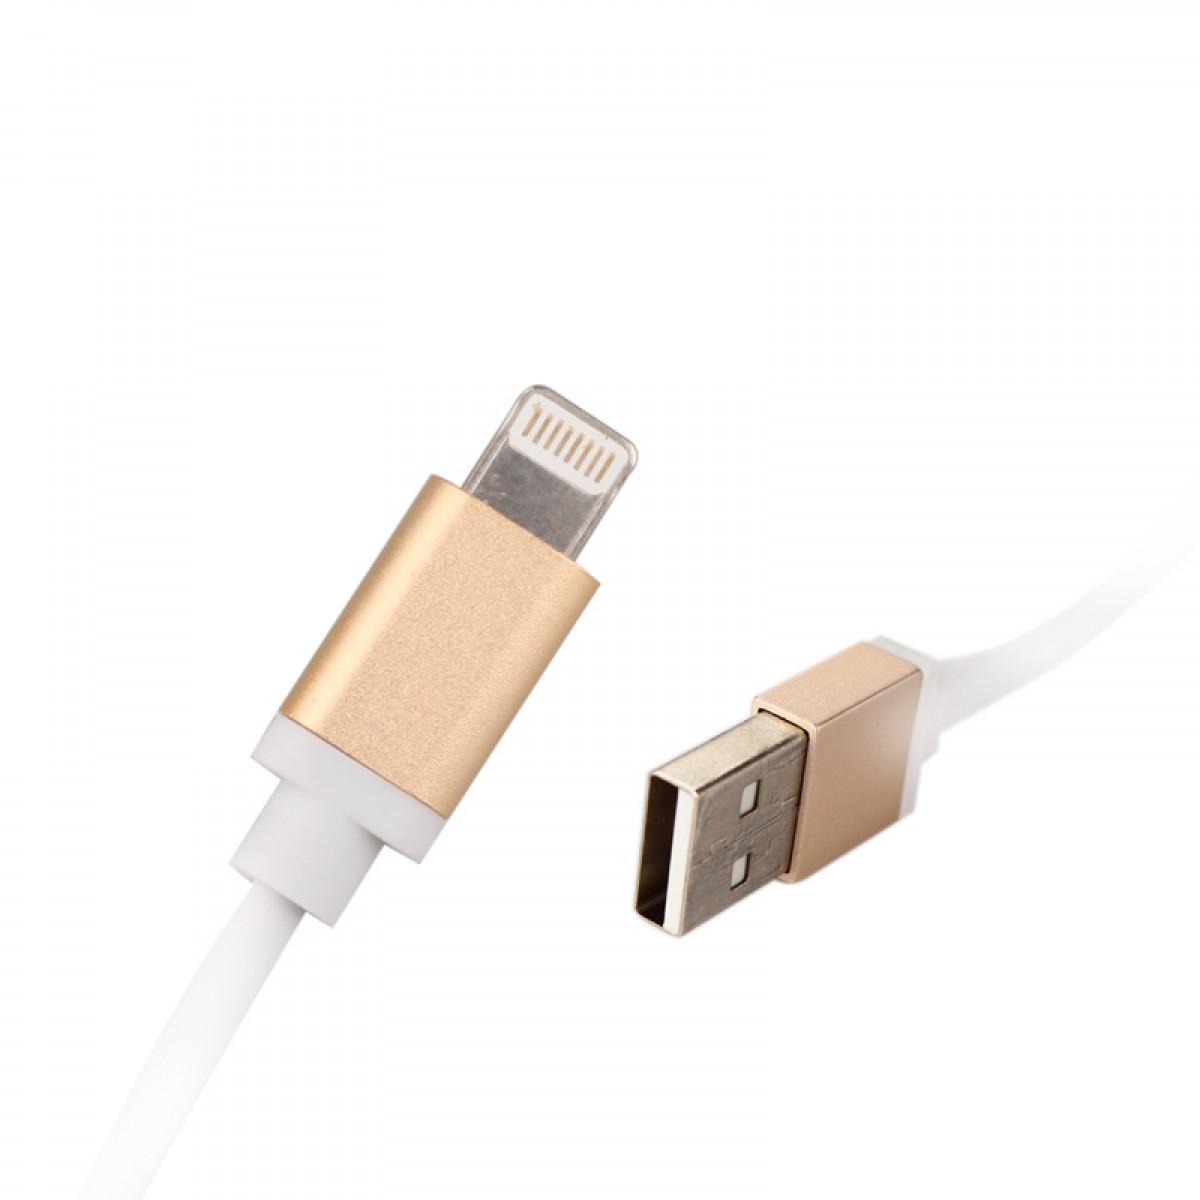 CABO DE DADOS USB V8 METALICO - KINGO